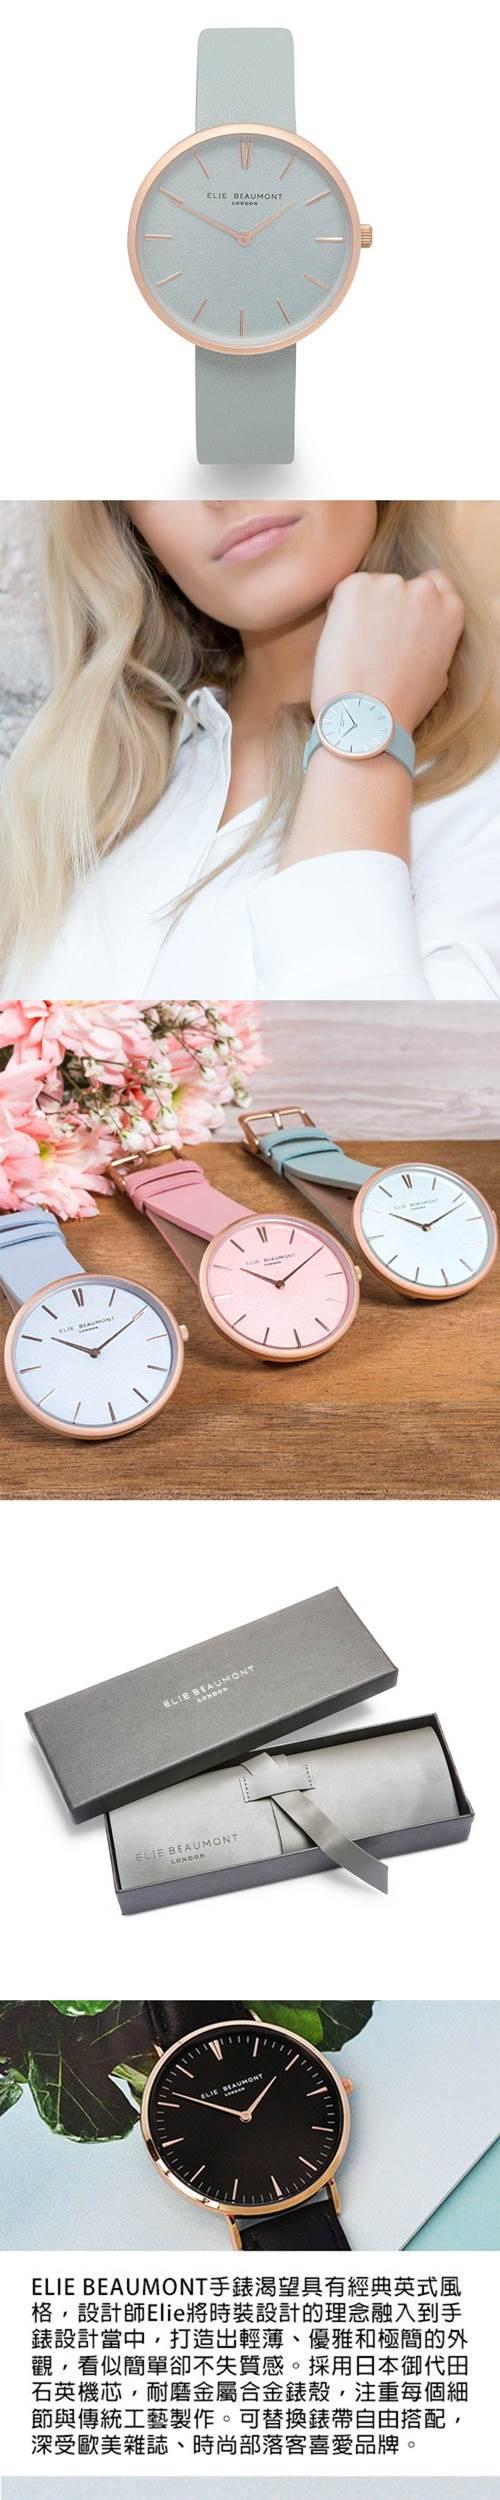 (複製)Elie Beaumont 英國時尚手錶HAMPSTEAD系列 淺灰x磨砂玫瑰金框38mm